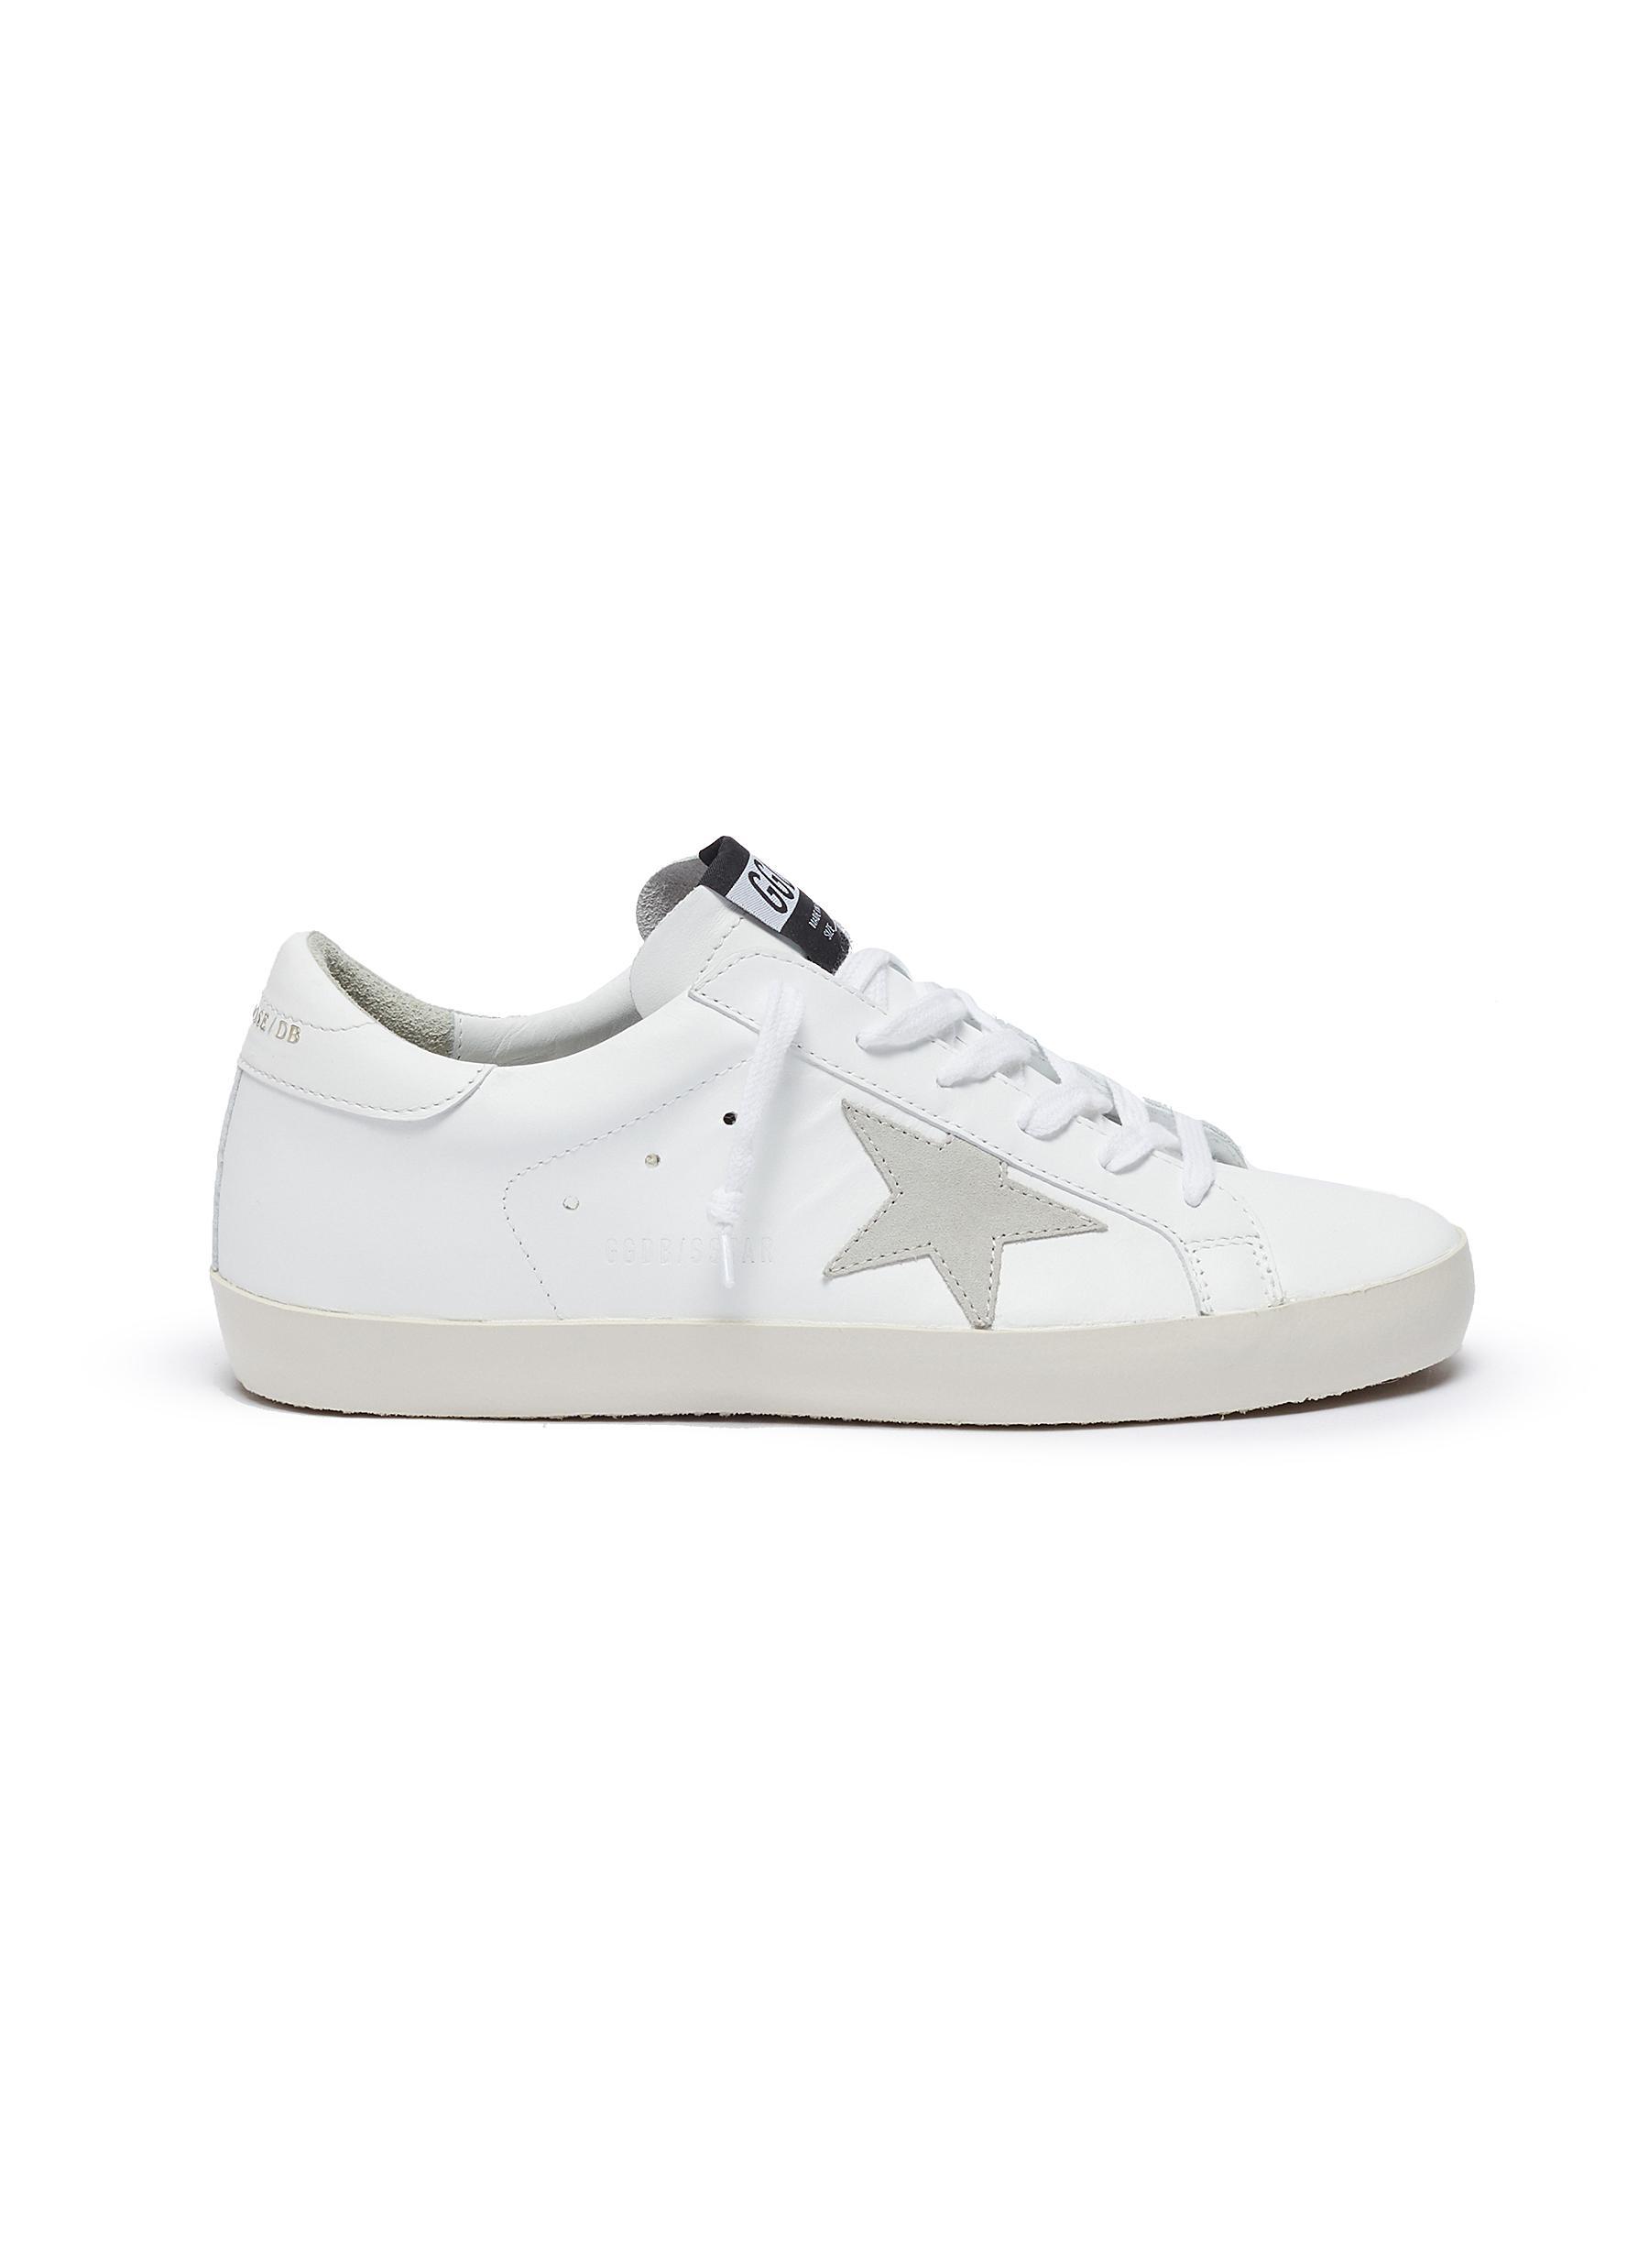 Golden Goose Sneakers Superstar leather sneakers